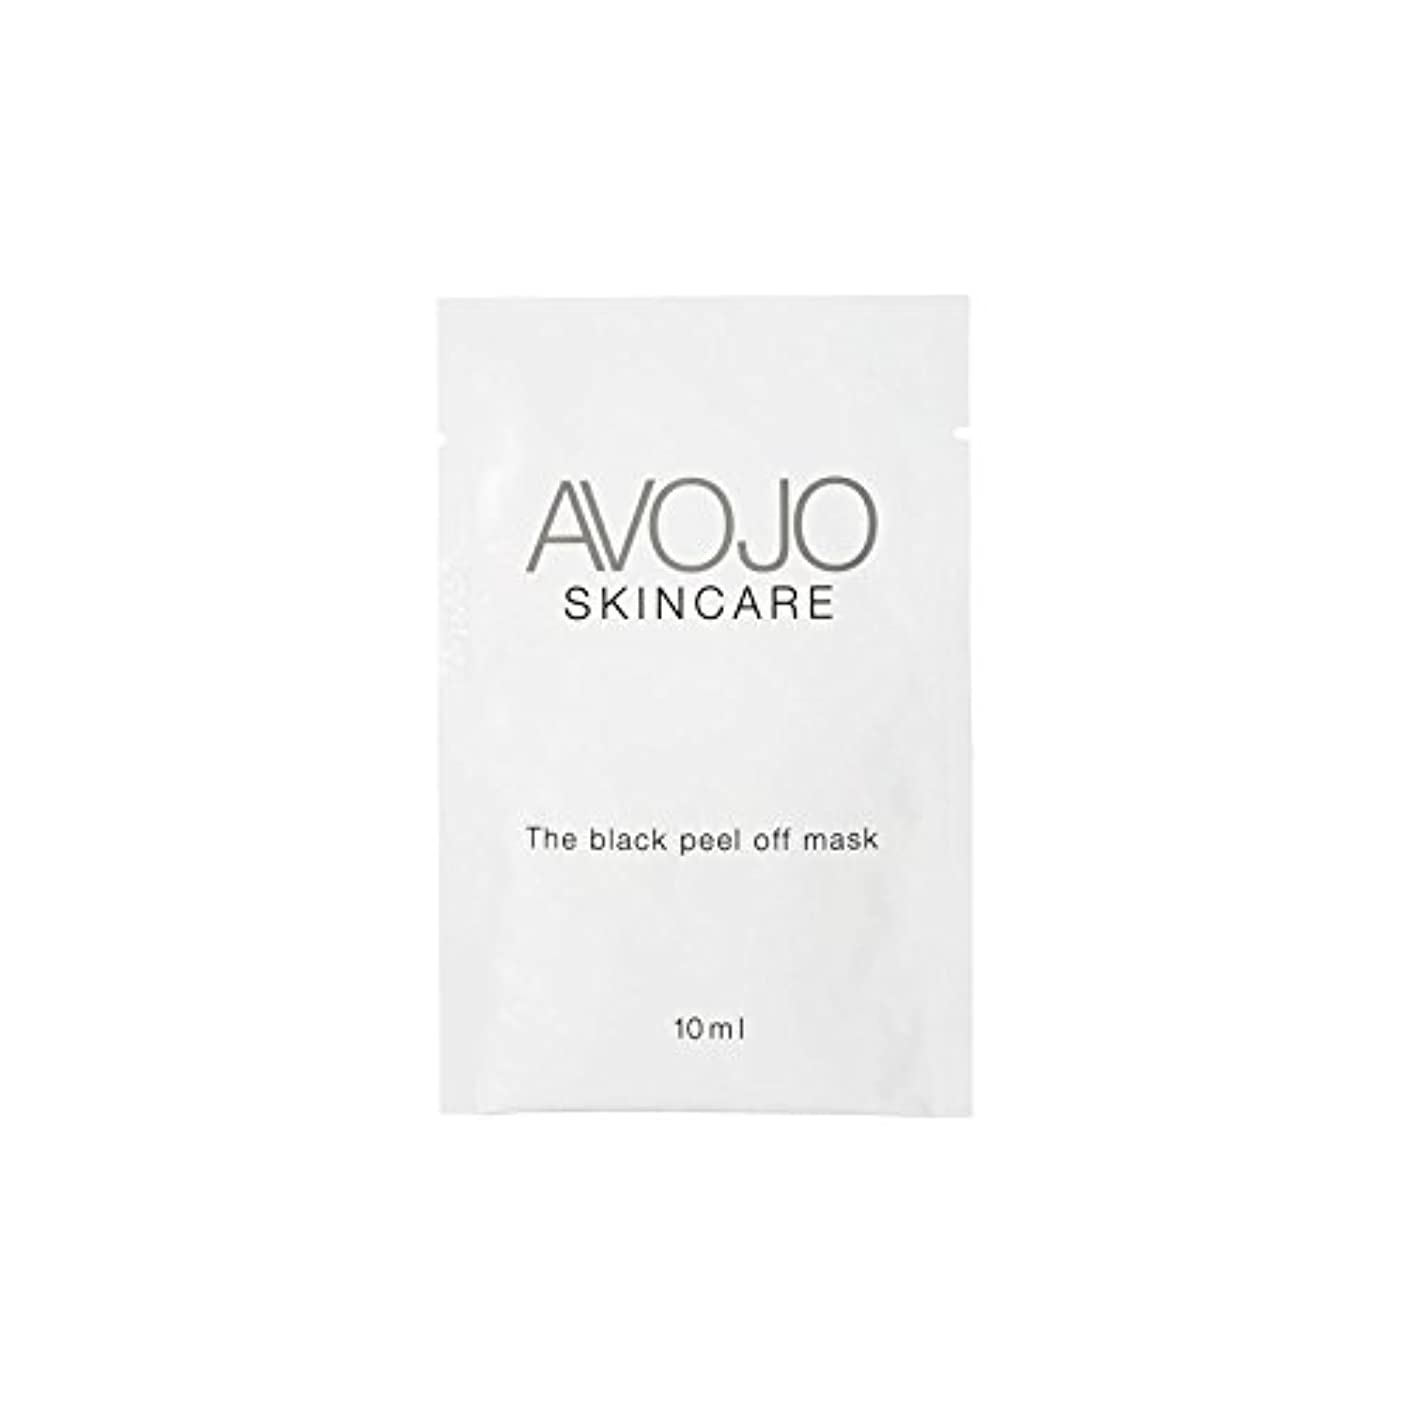 連結する感嘆符すべてAvojo - The Black Peel Off Mask - Sachet (10ml X 4) (Pack of 6) - - ブラックピールオフマスク - 小袋(10ミリリットル×4) x6 [並行輸入品]